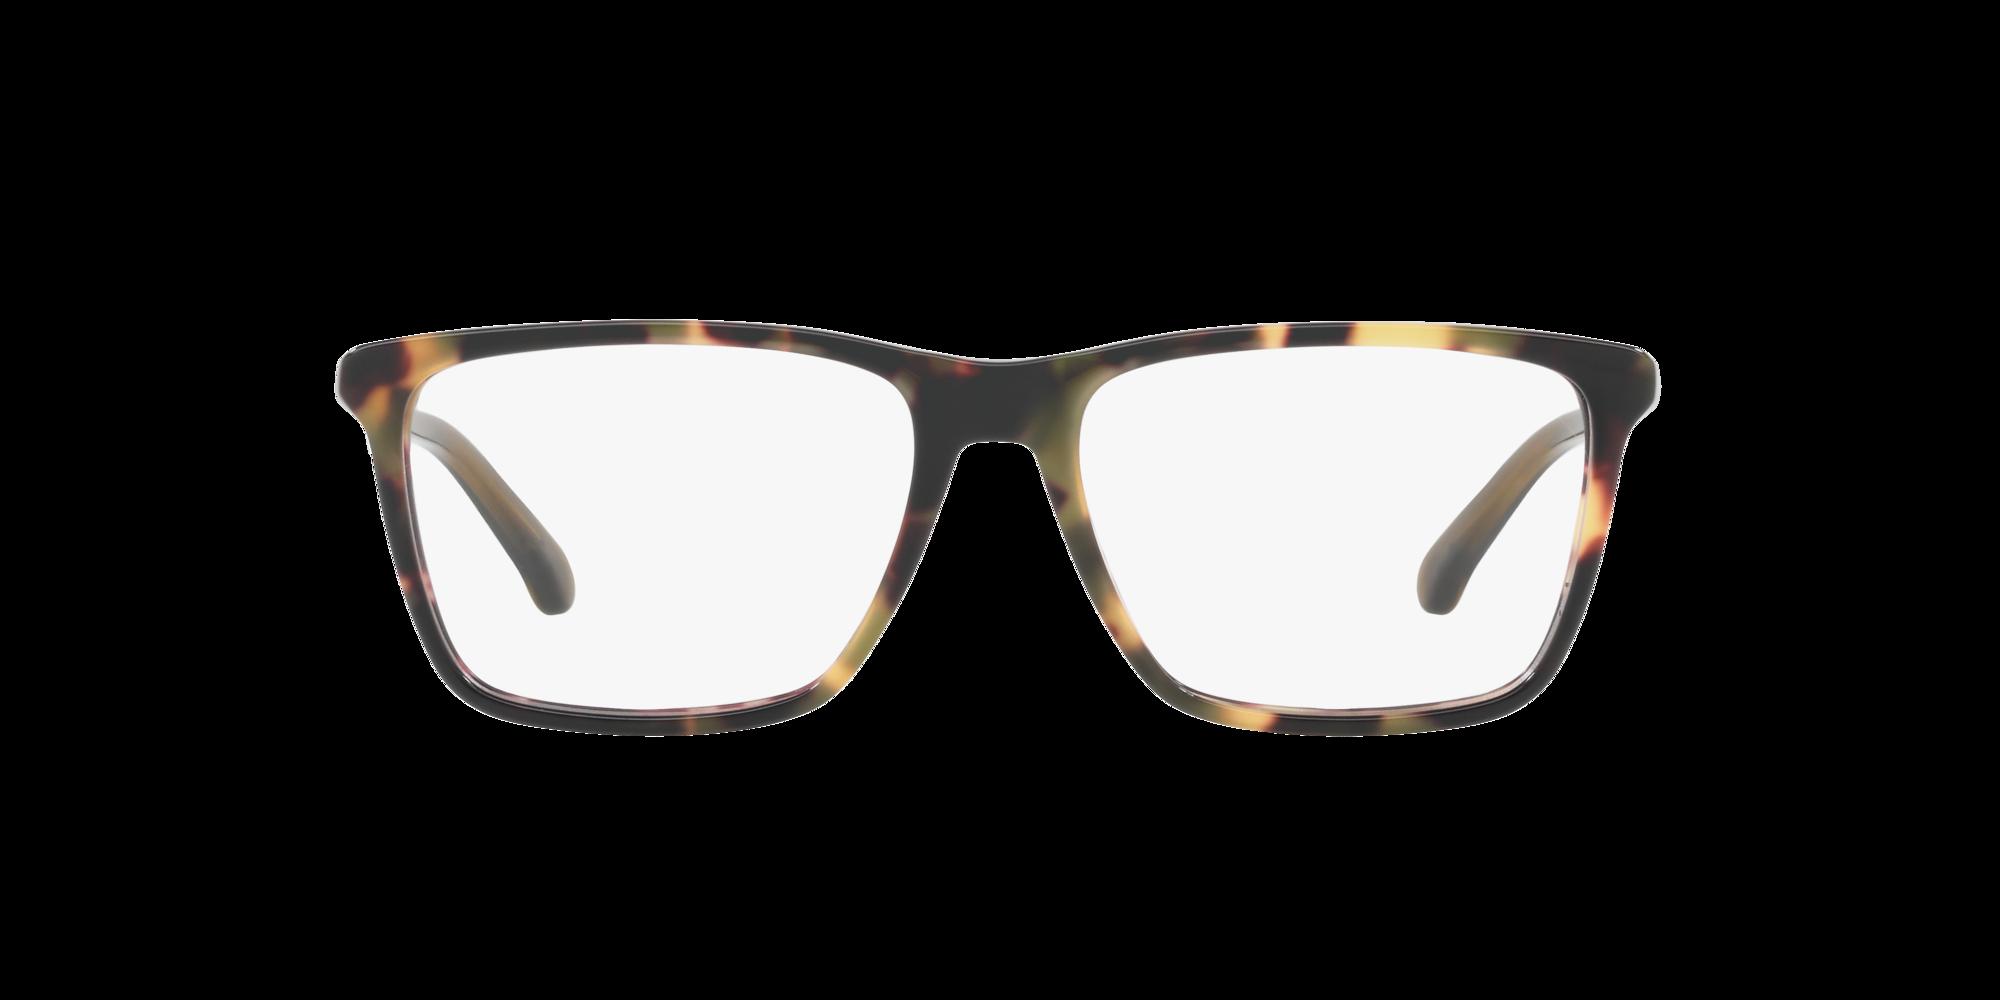 Imagen para BB2037 de LensCrafters    Espejuelos, espejuelos graduados en línea, gafas